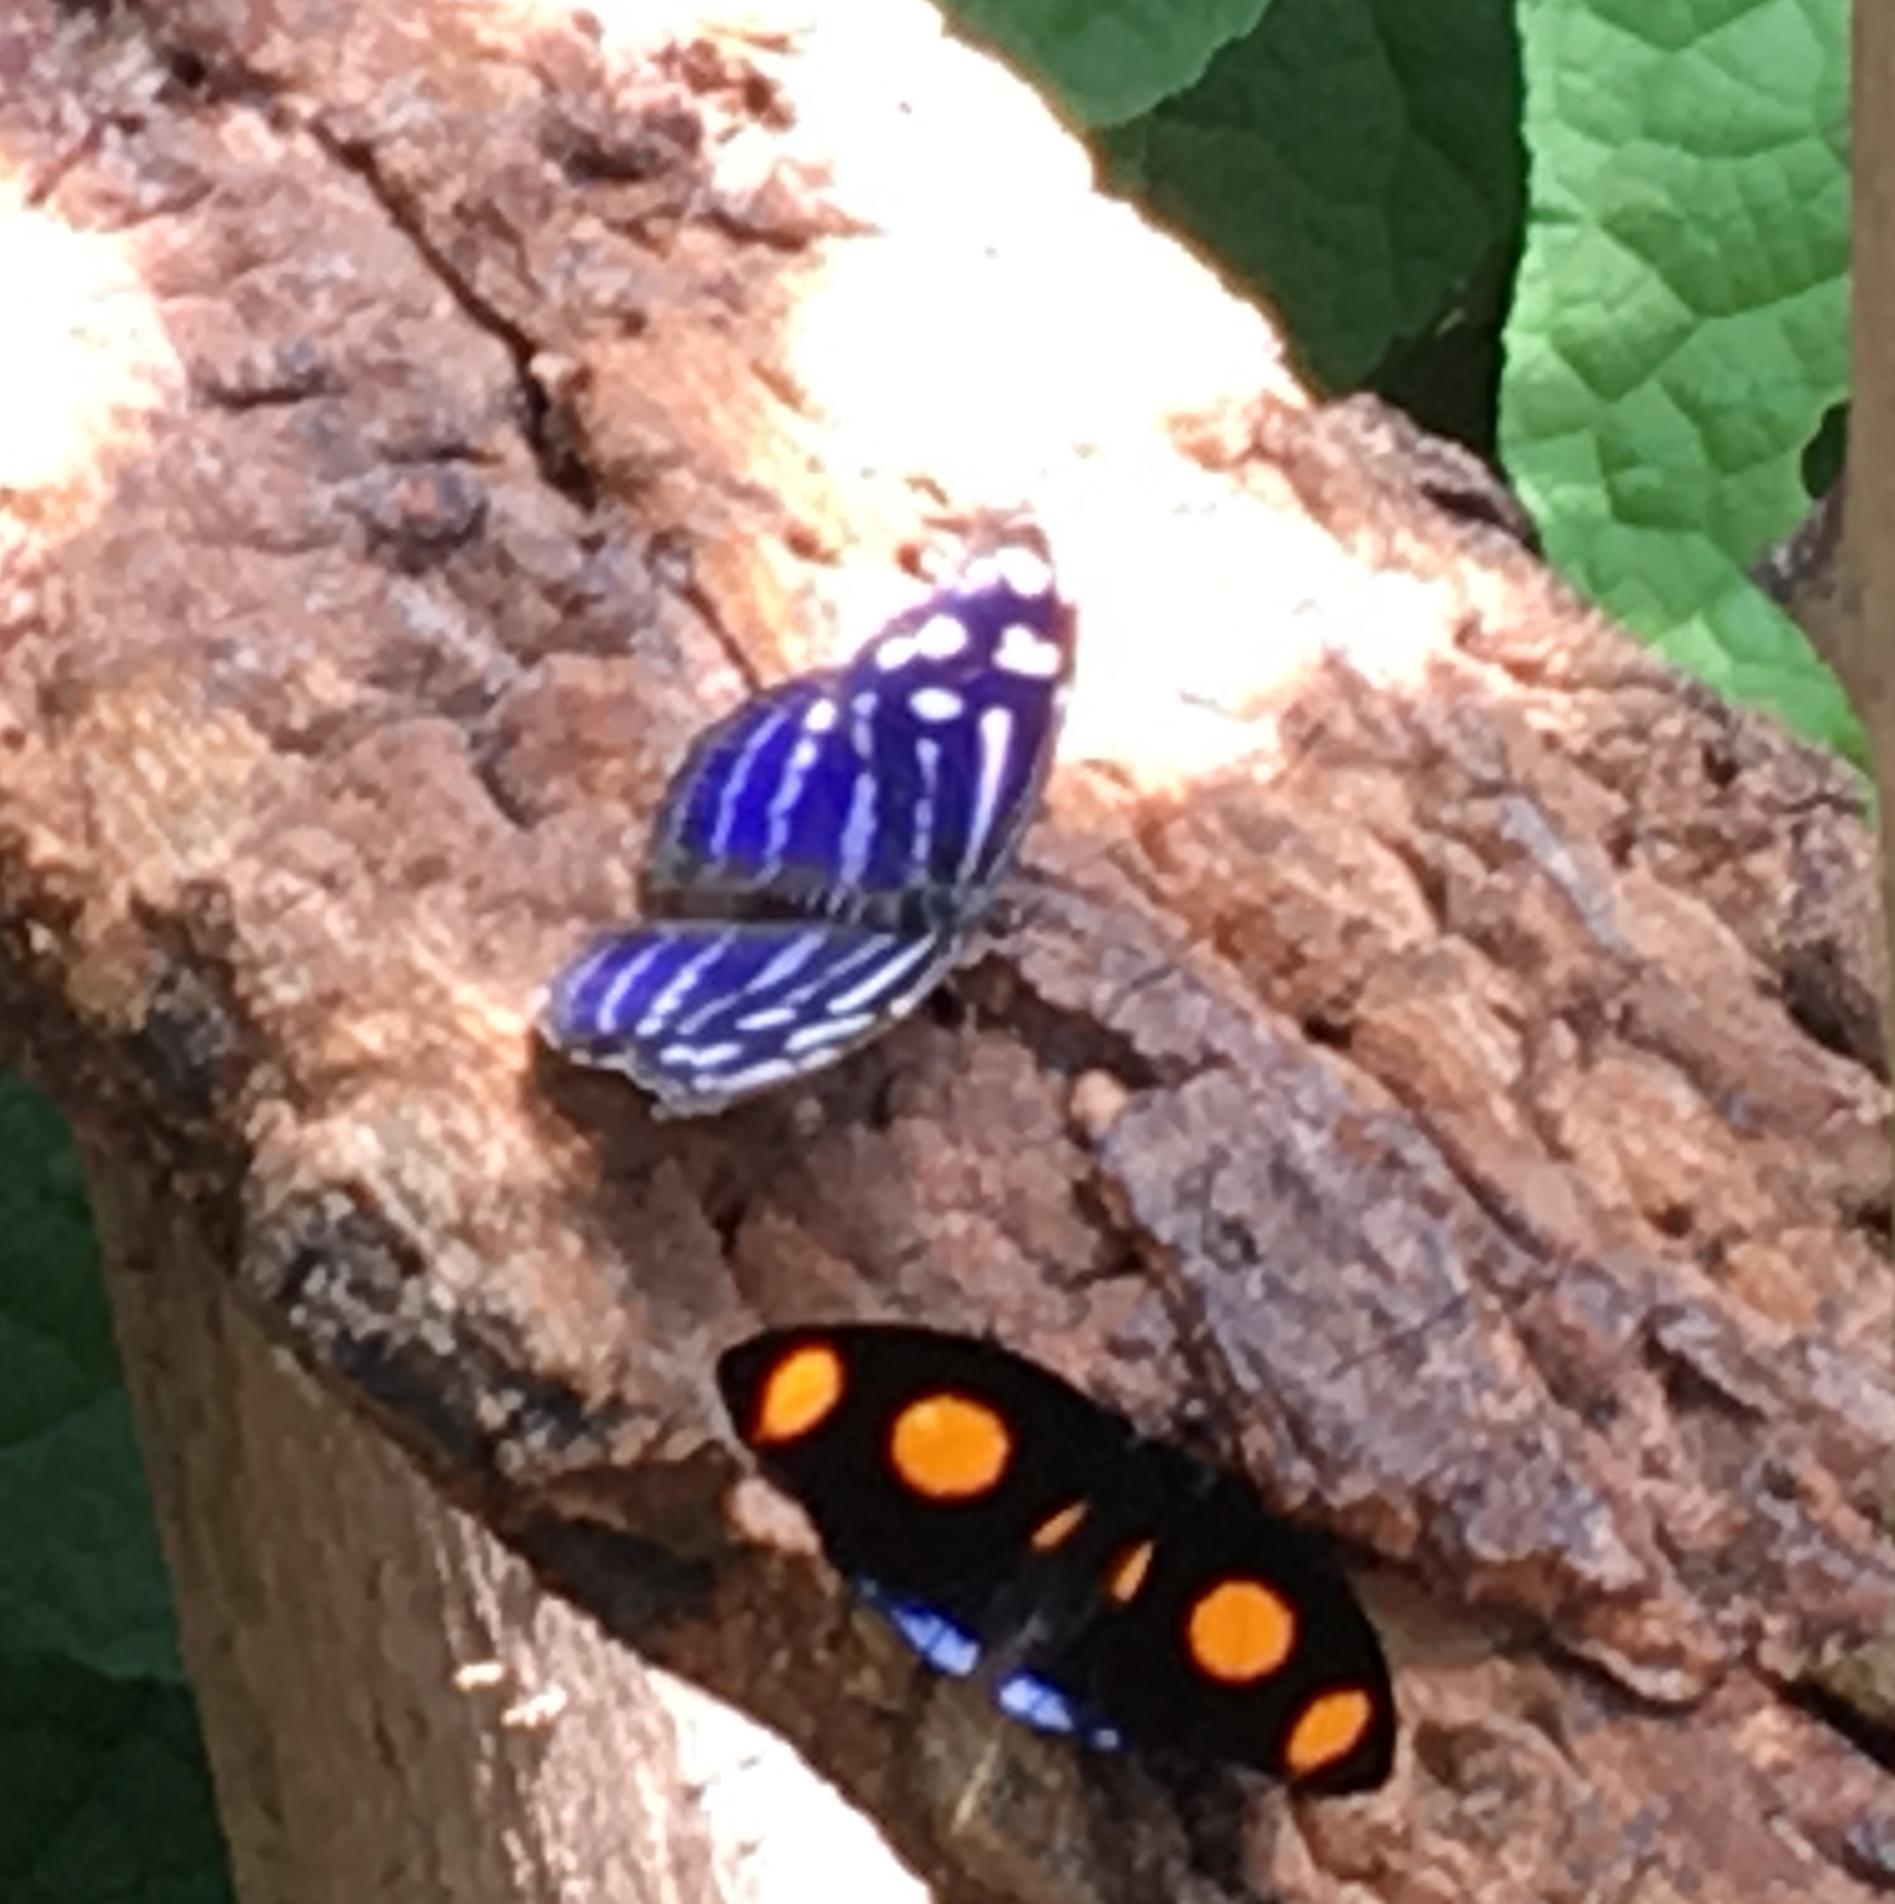 2 butterflies